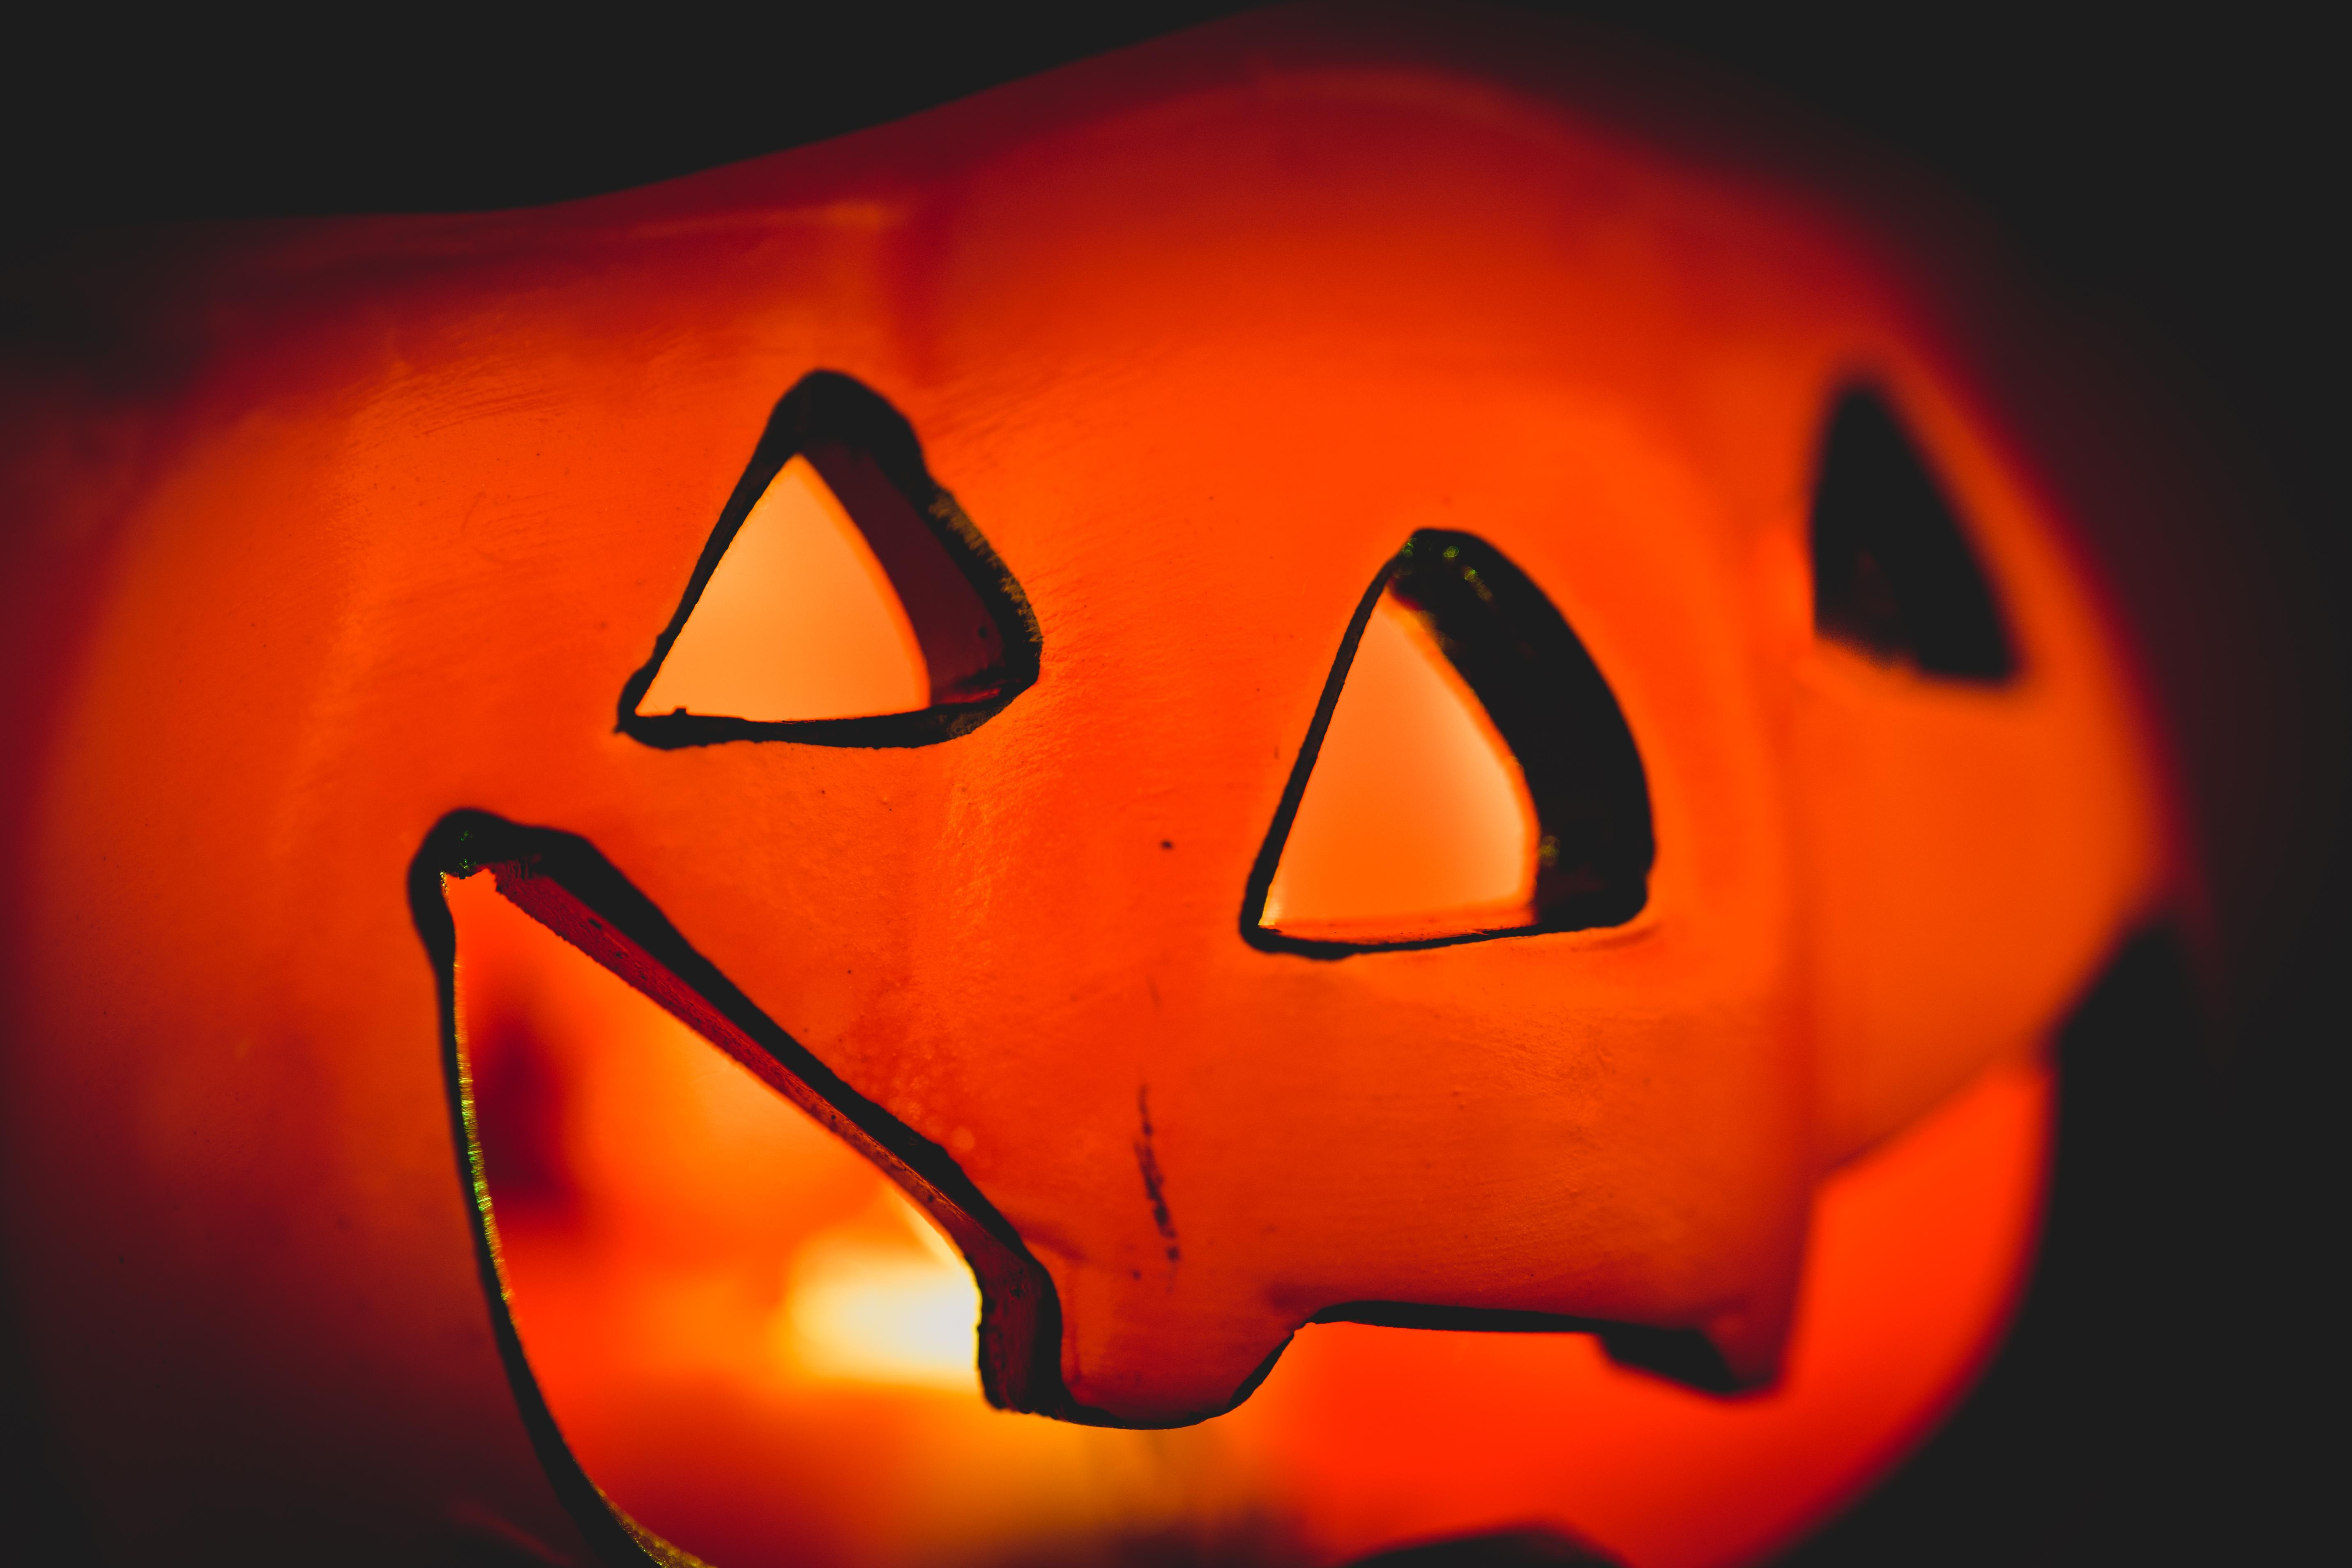 free images : red, pumpkin, font, jack o lantern, illustration